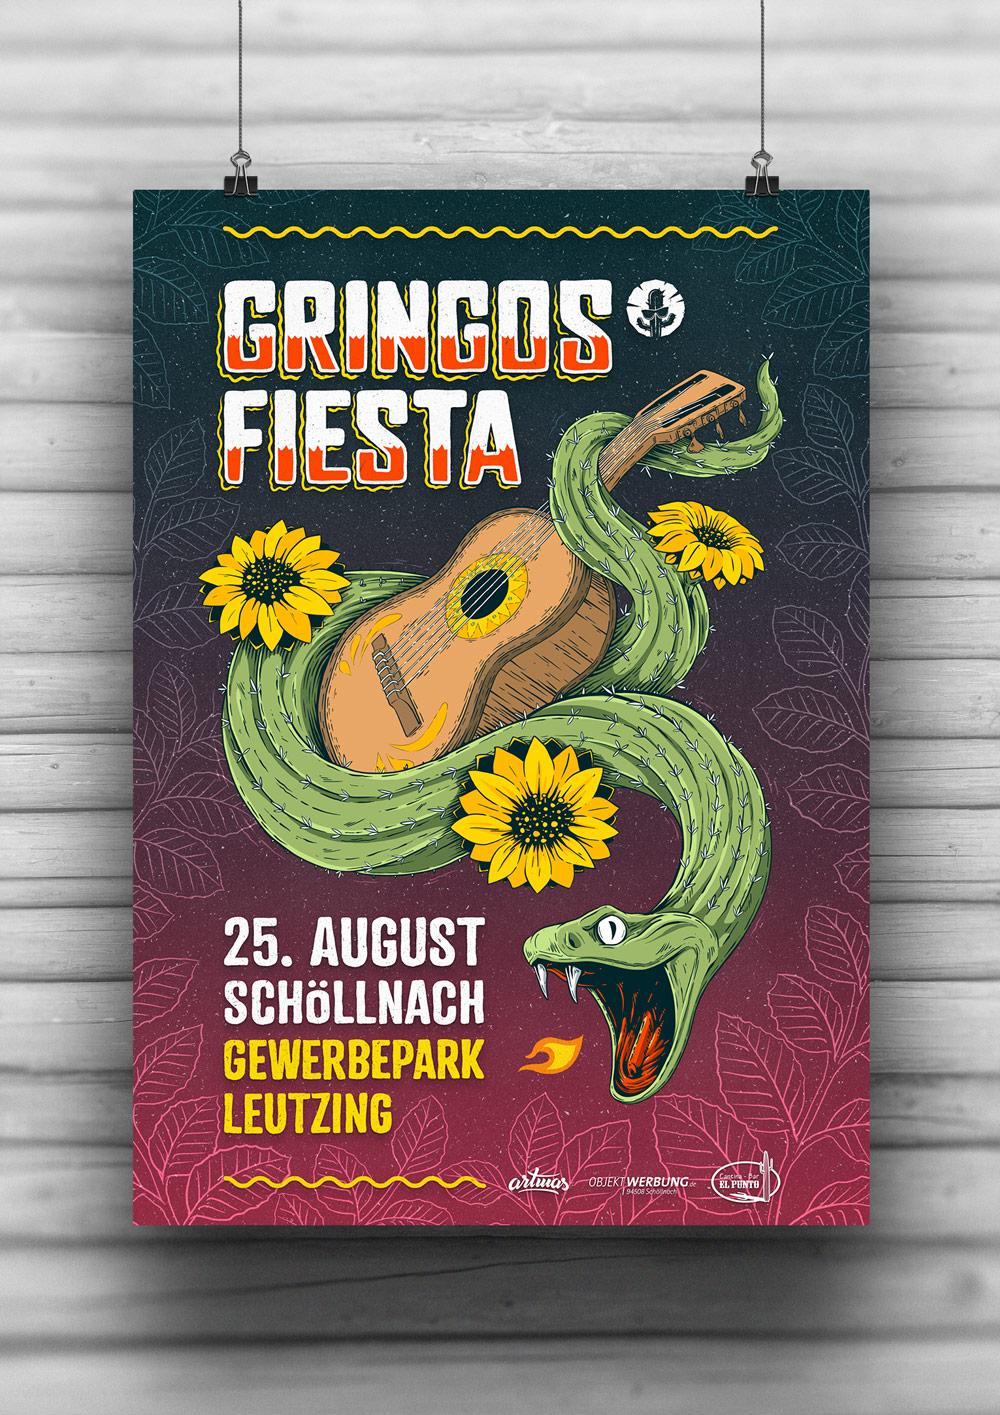 Gringos Fiesta 2018 | Poster | Illustration By Artjom Meister | Art-mas.com